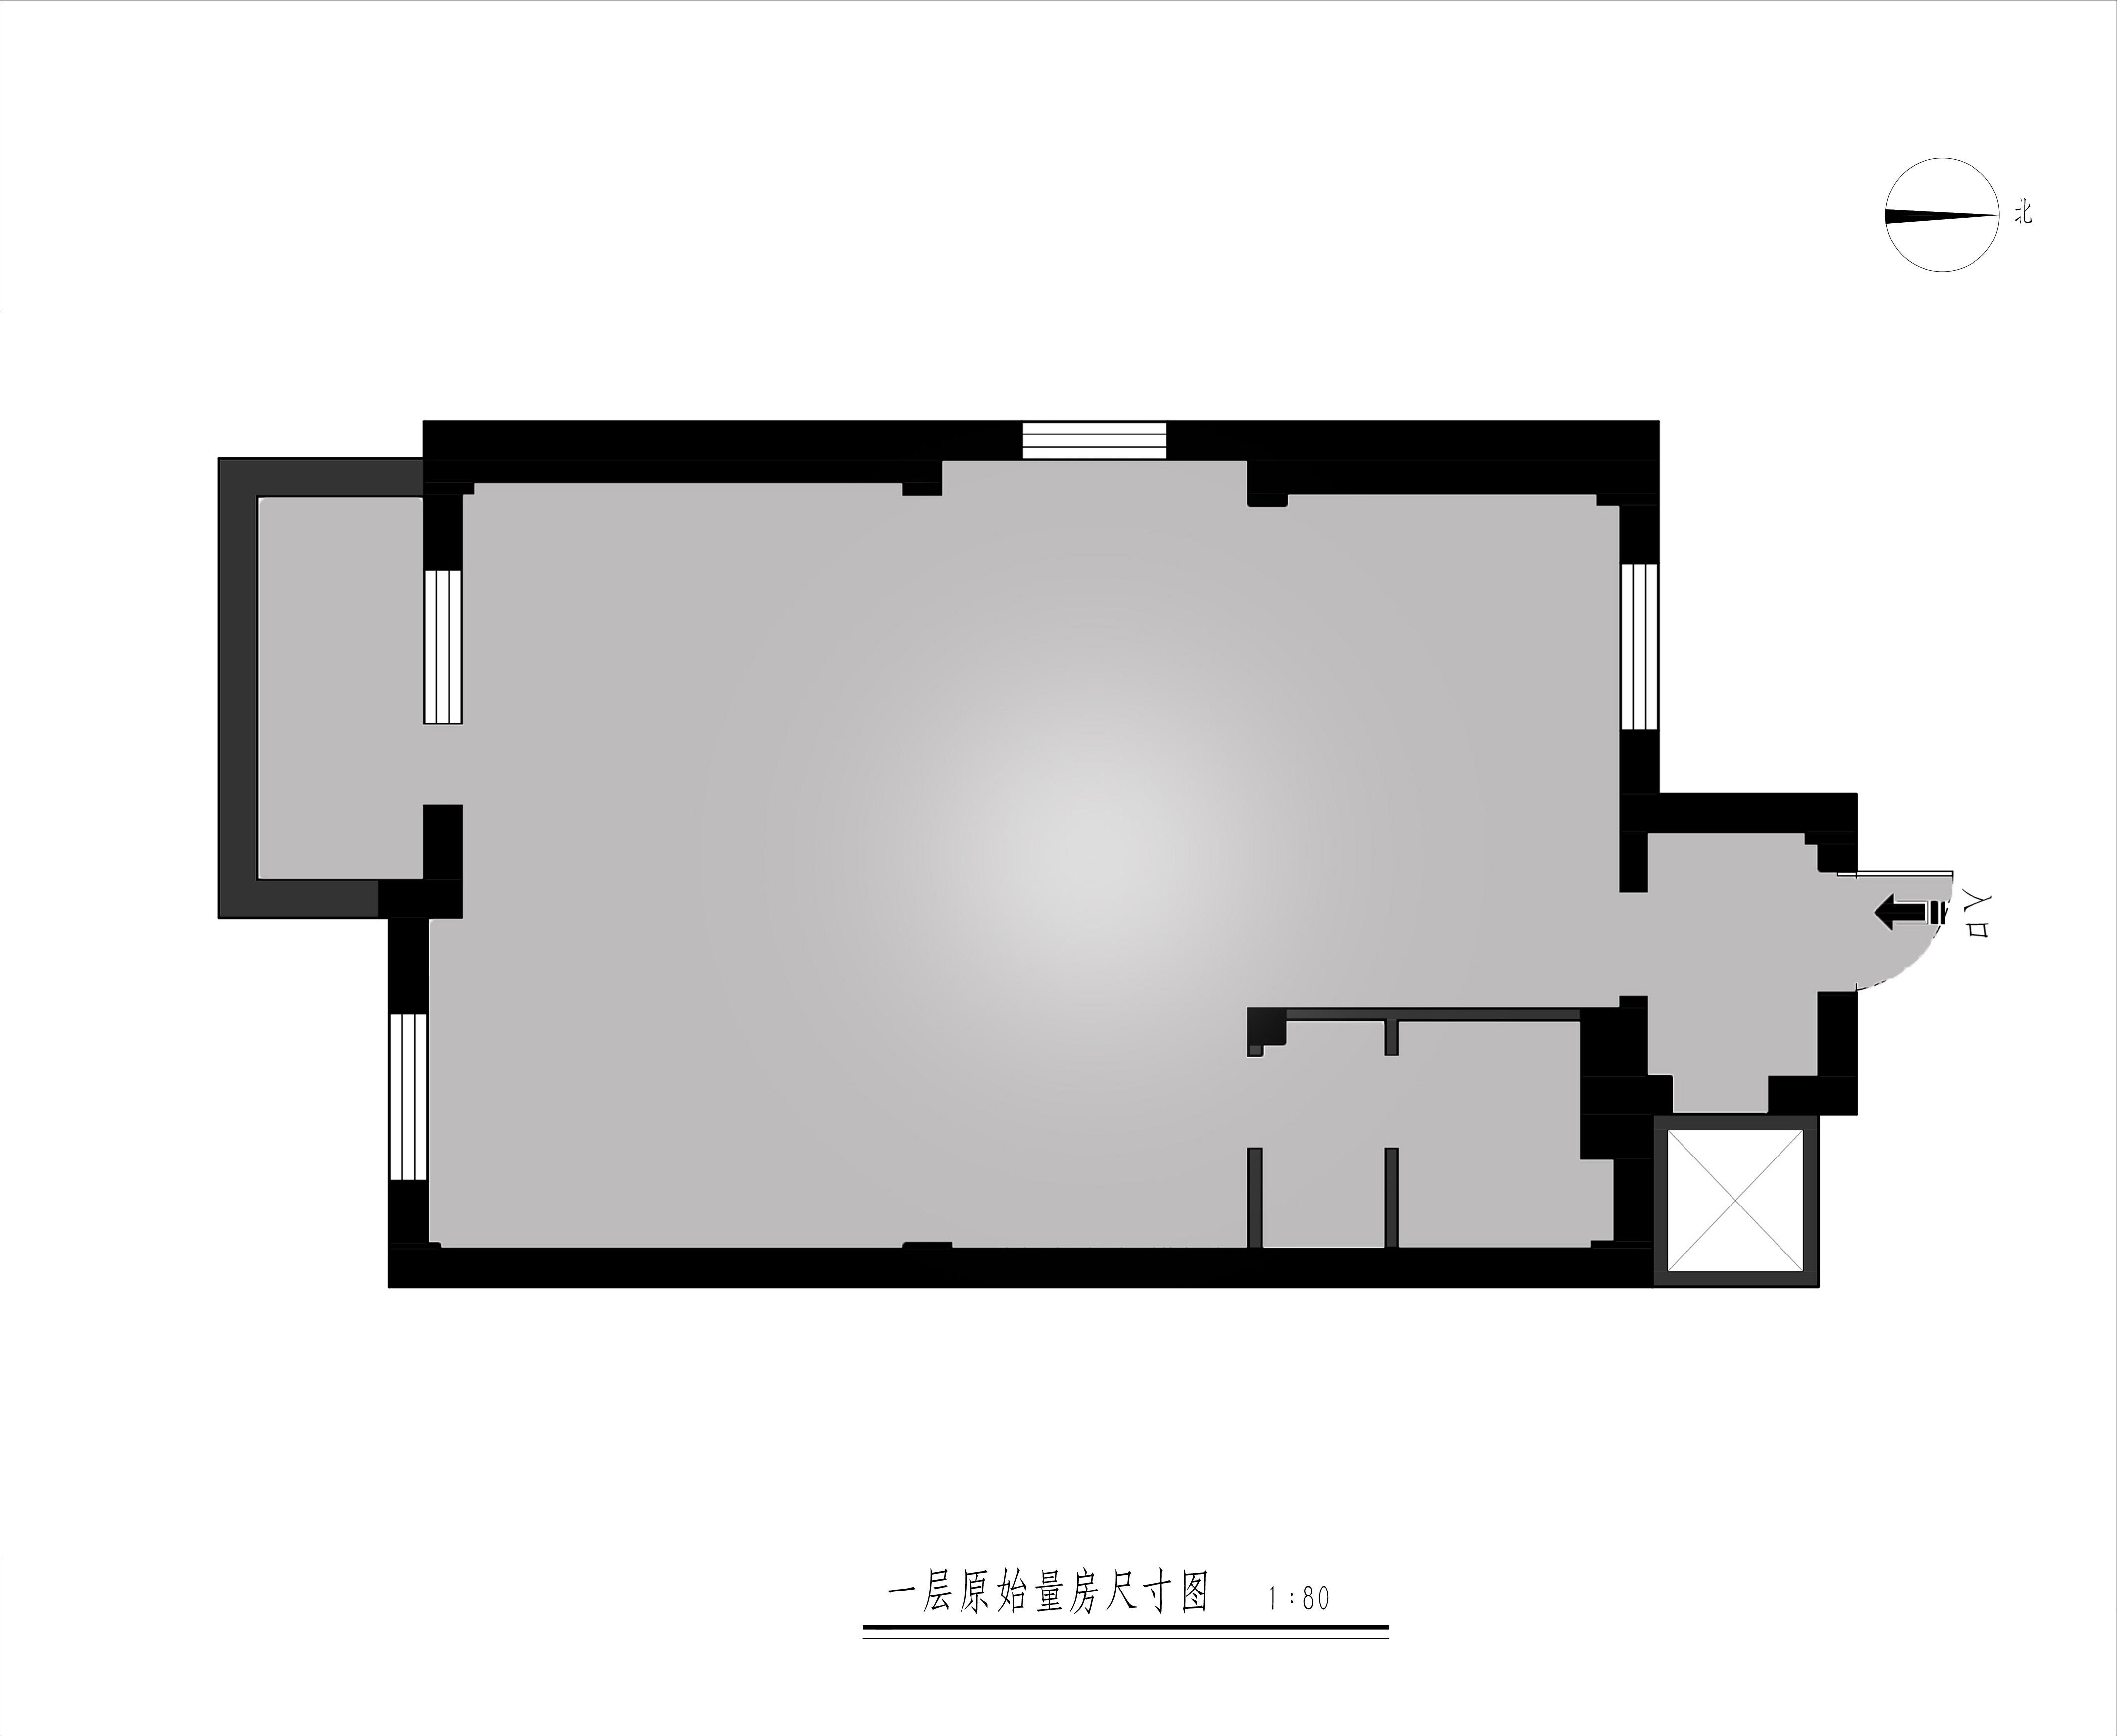 亿达十五墅现代轻奢亚博体育电脑版效果图-215平亚博体育电脑版设计理念